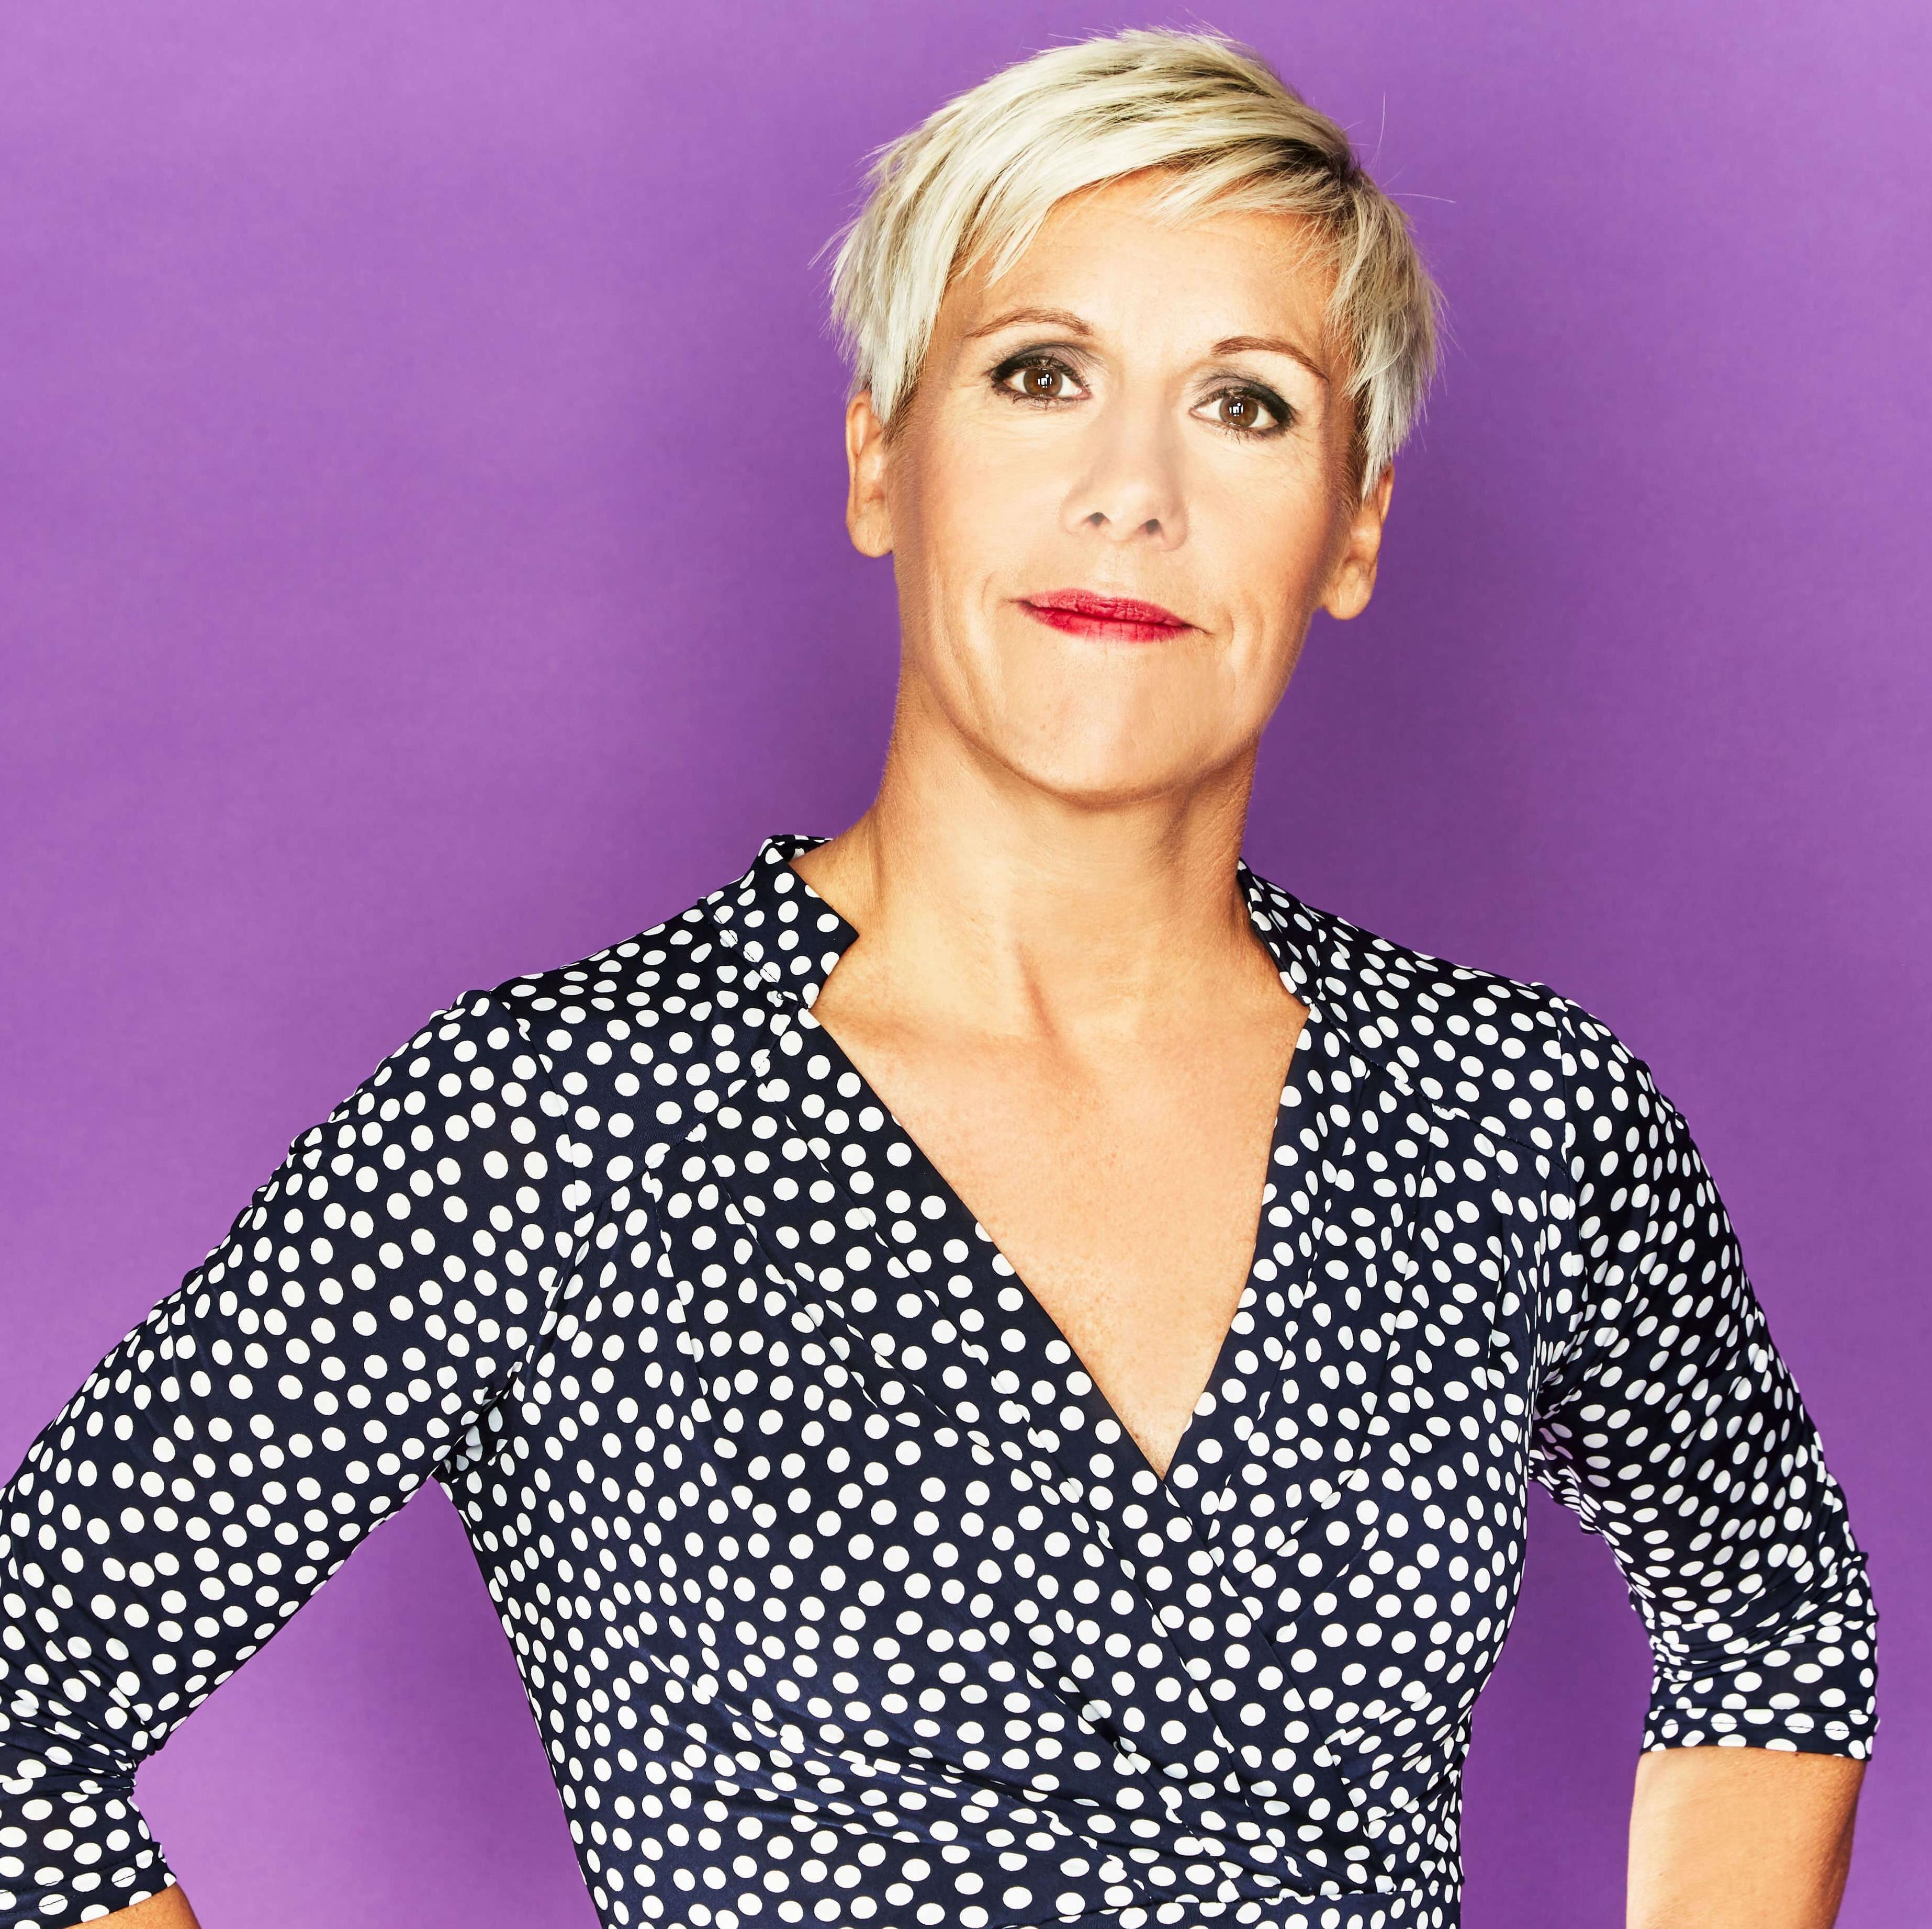 Månadens författare - Anna Laestadius Larsson